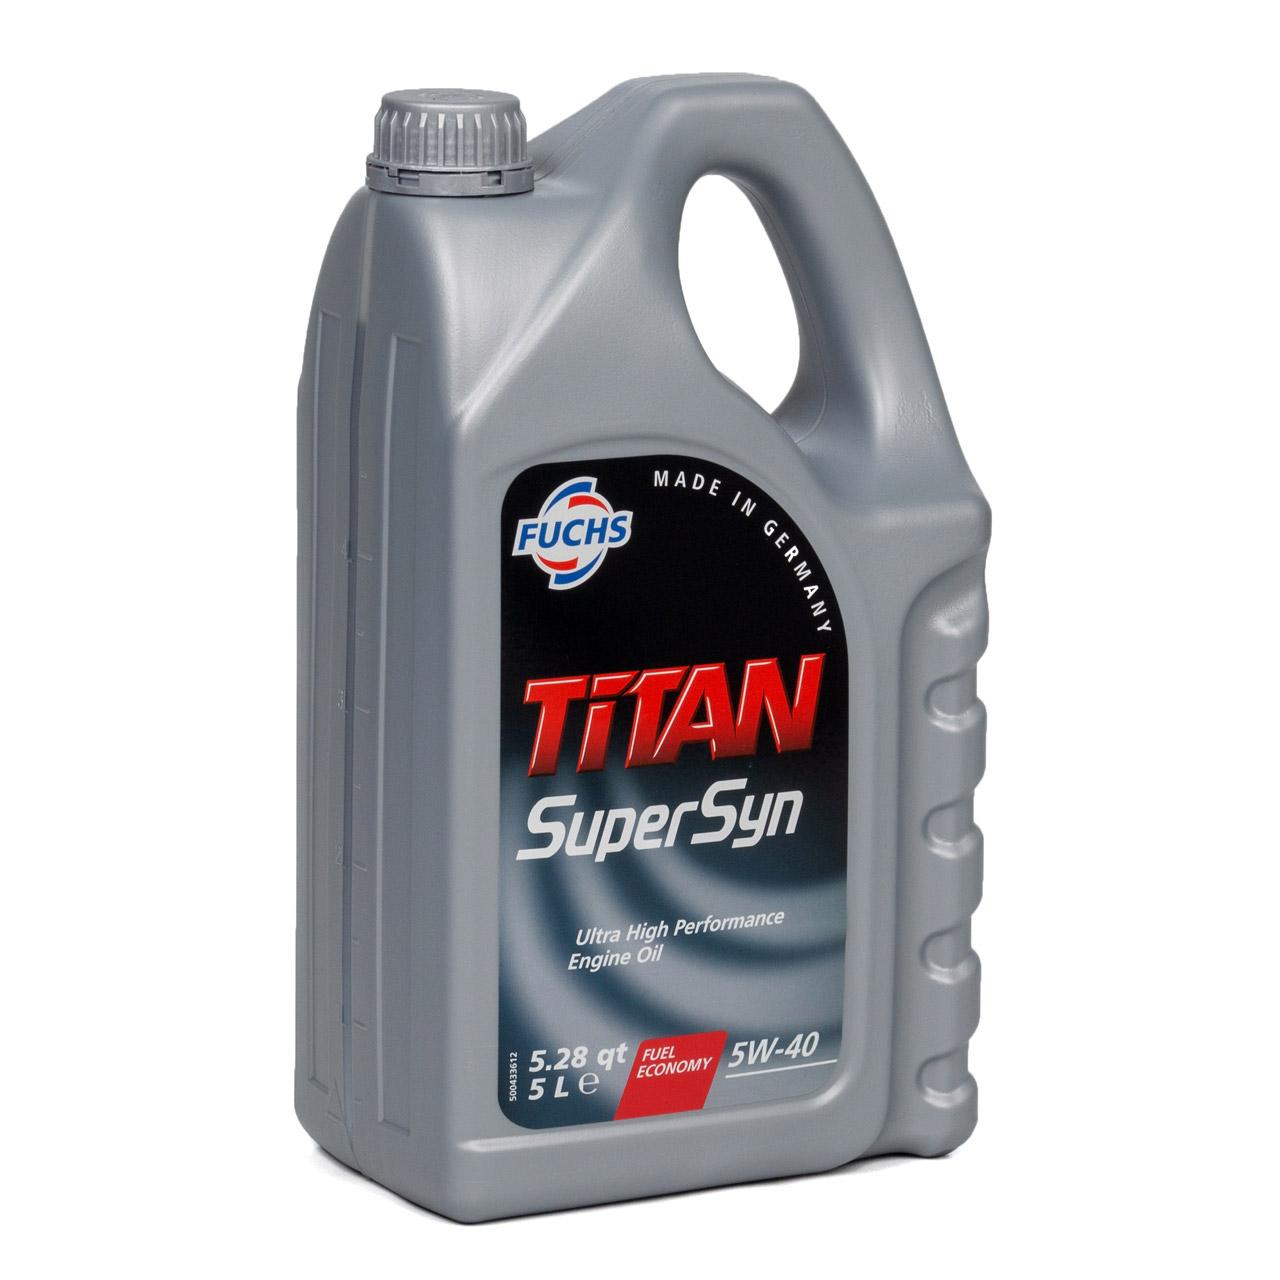 FUCHS MOTORÖL TITAN SuperSyn 5W-40 VW 502.00/505.00 MB 229.3 RN0700 - 5L 5 Liter